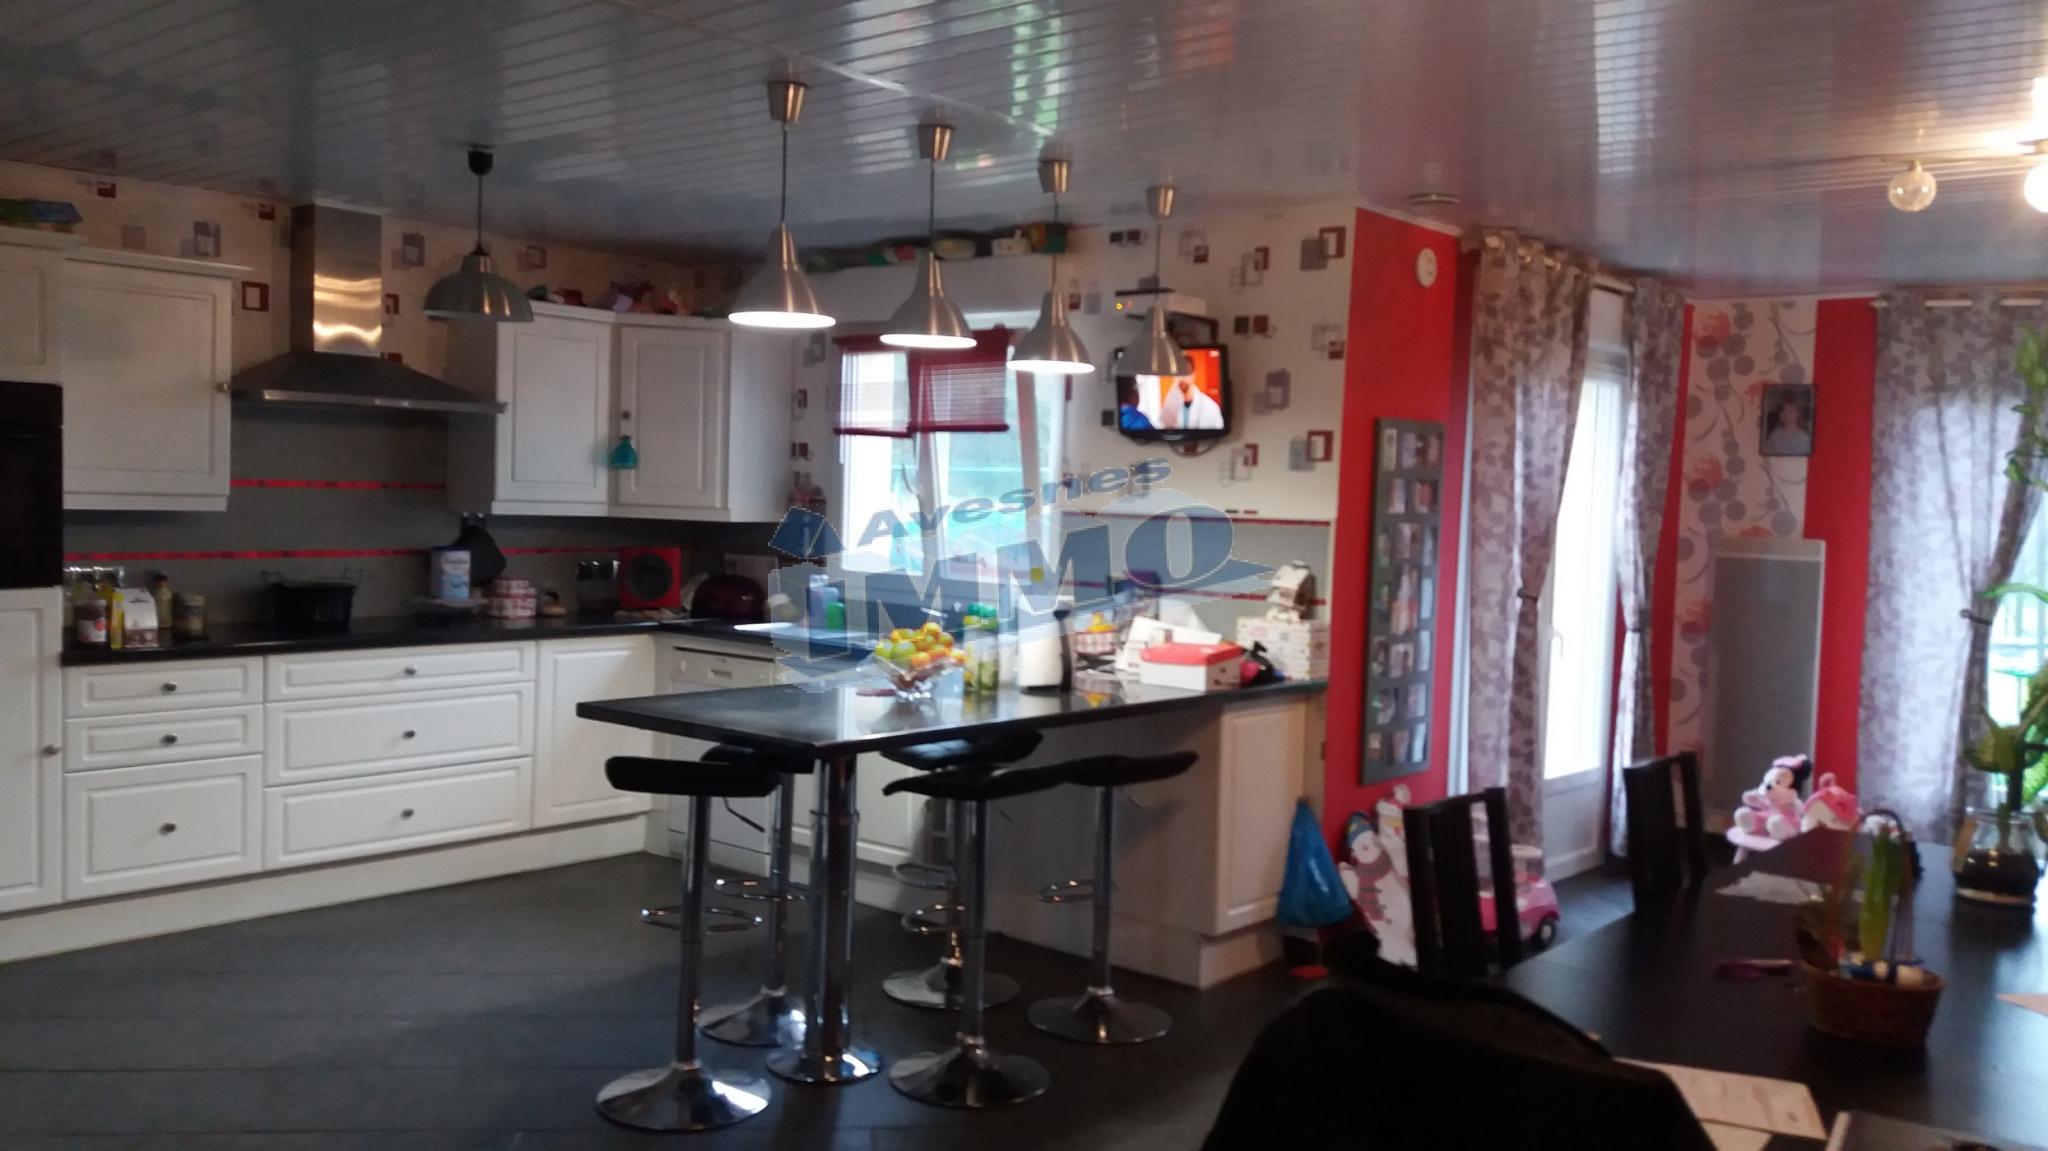 Vente pavillon individuel 5 chambres proximit saint pol - Chambre d hote saint pol sur ternoise ...